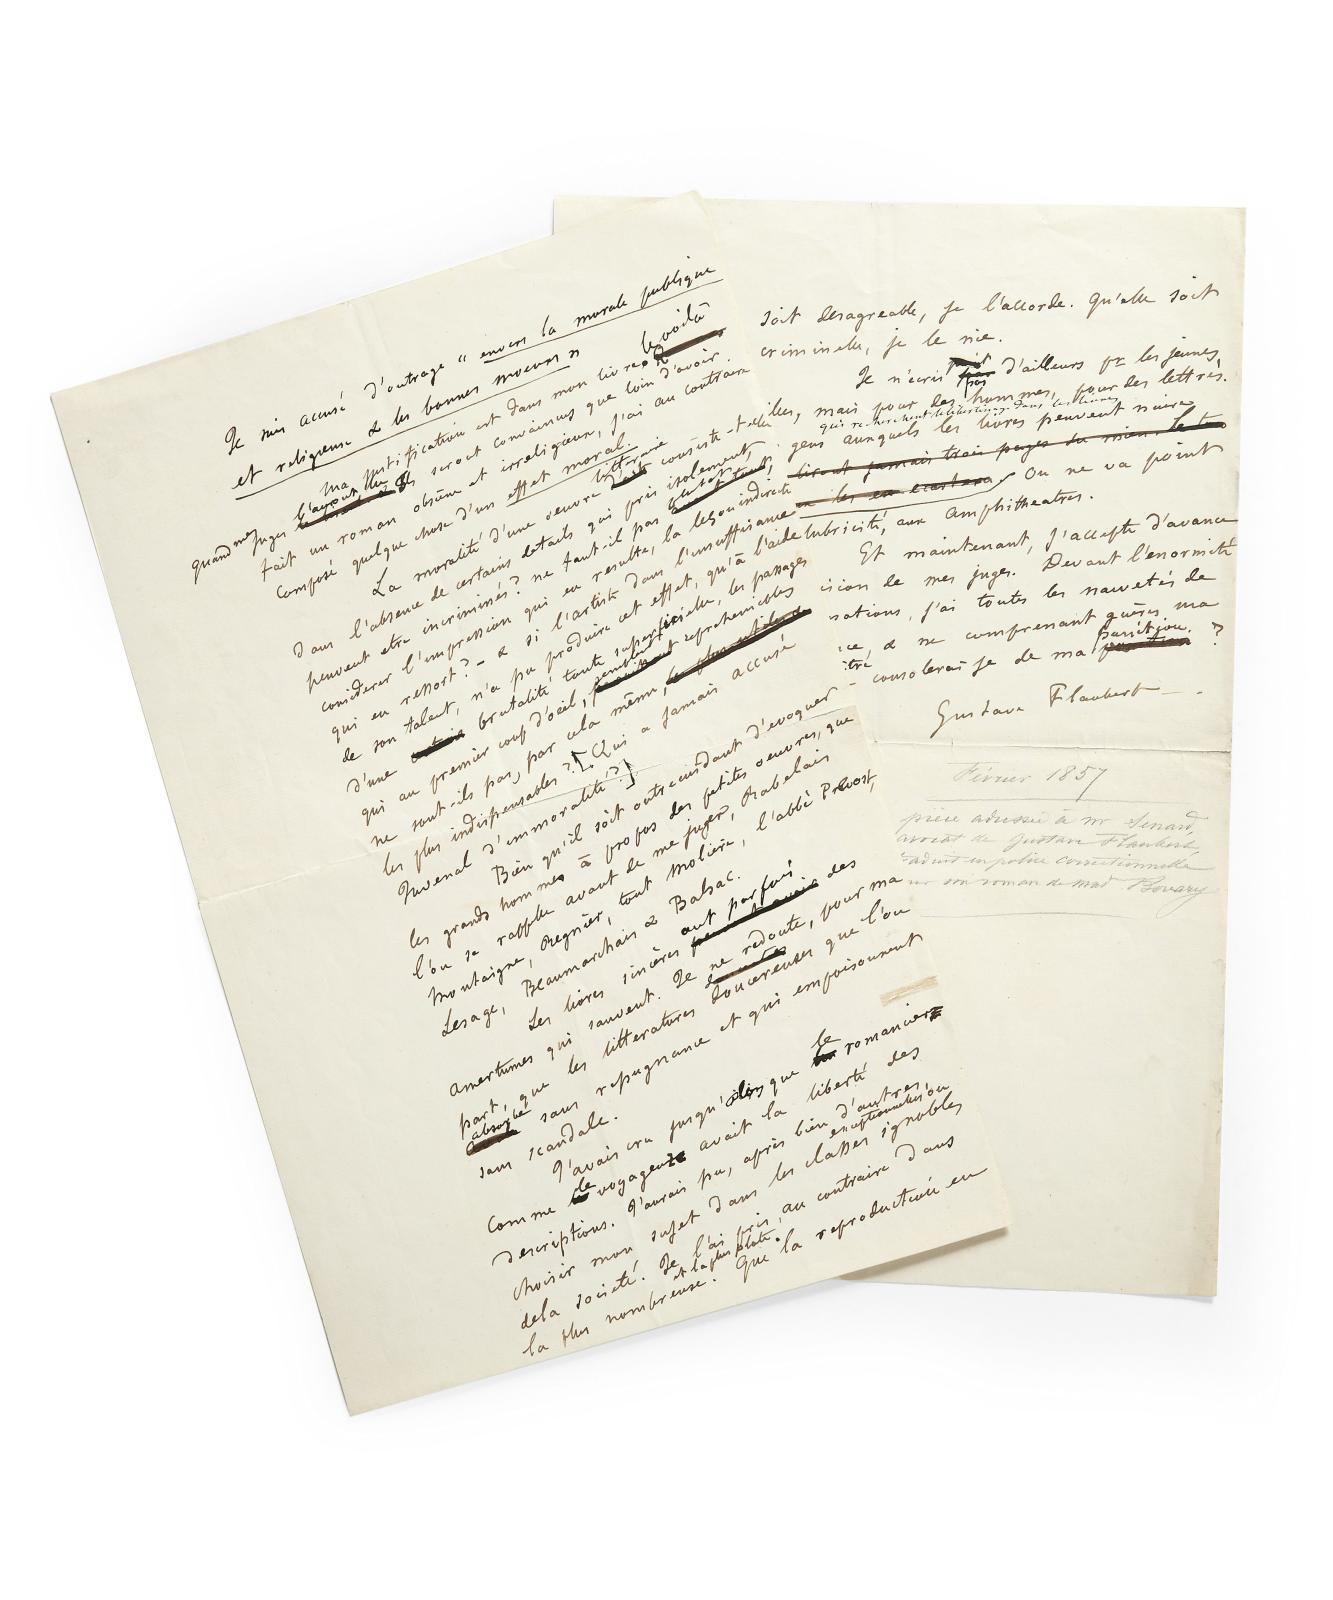 Gustave Flaubert (1821-1880), projet de préface au Mémoire en défense de MmeBovary, 15-30janvier1857, manuscrit autographe, 1page1/2 in-folio. Es